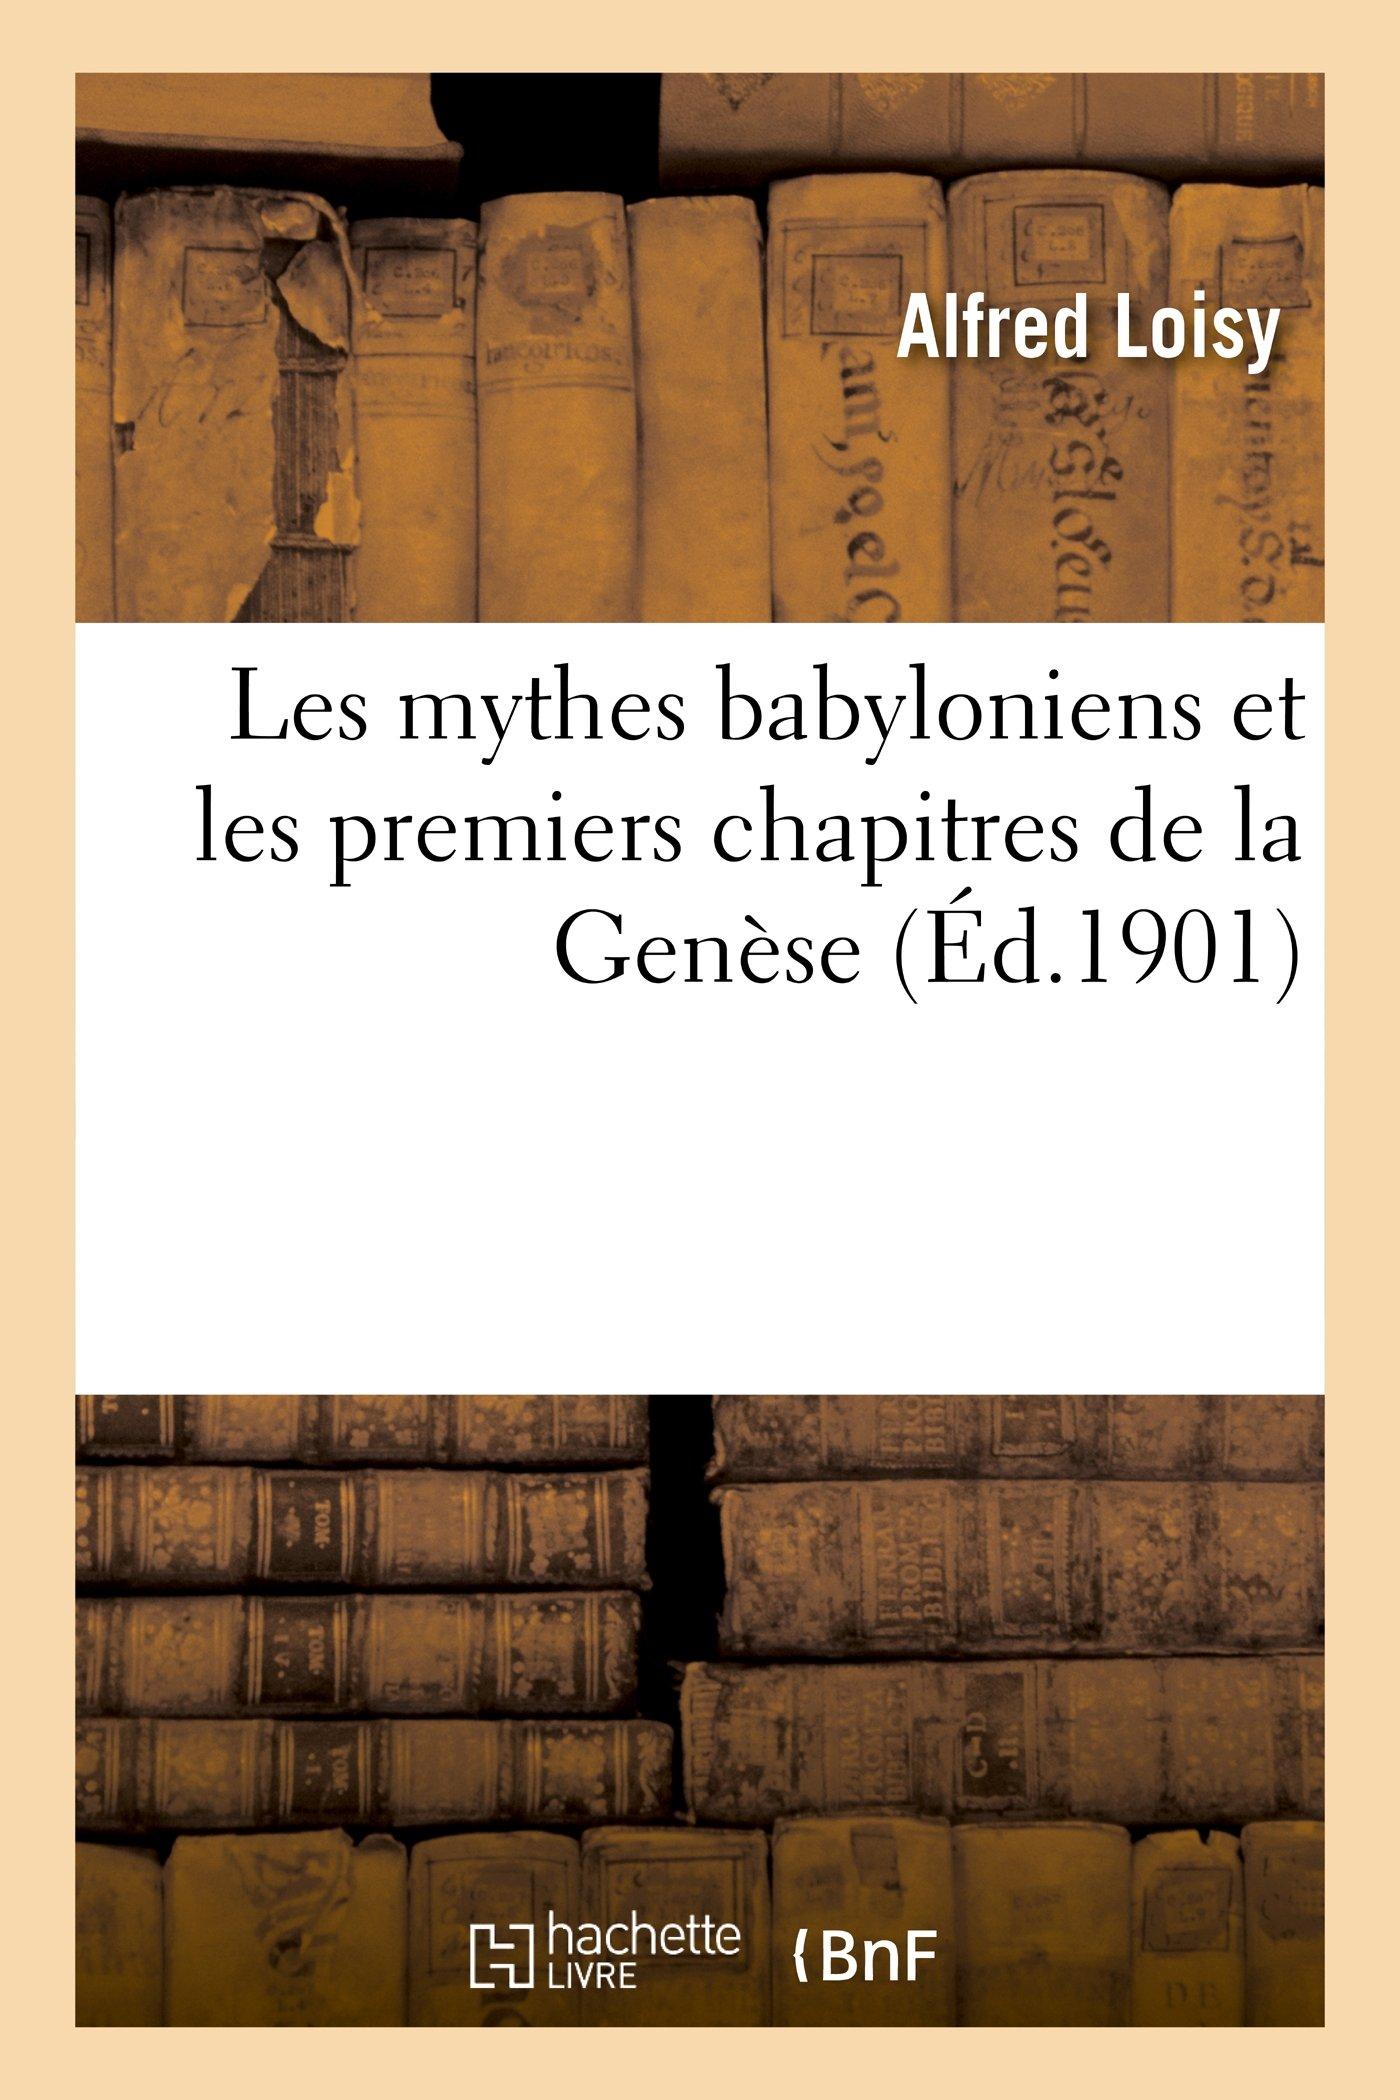 Download Les Mythes Babyloniens Et Les Premiers Chapitres de La Genese (Histoire) (French Edition) PDF